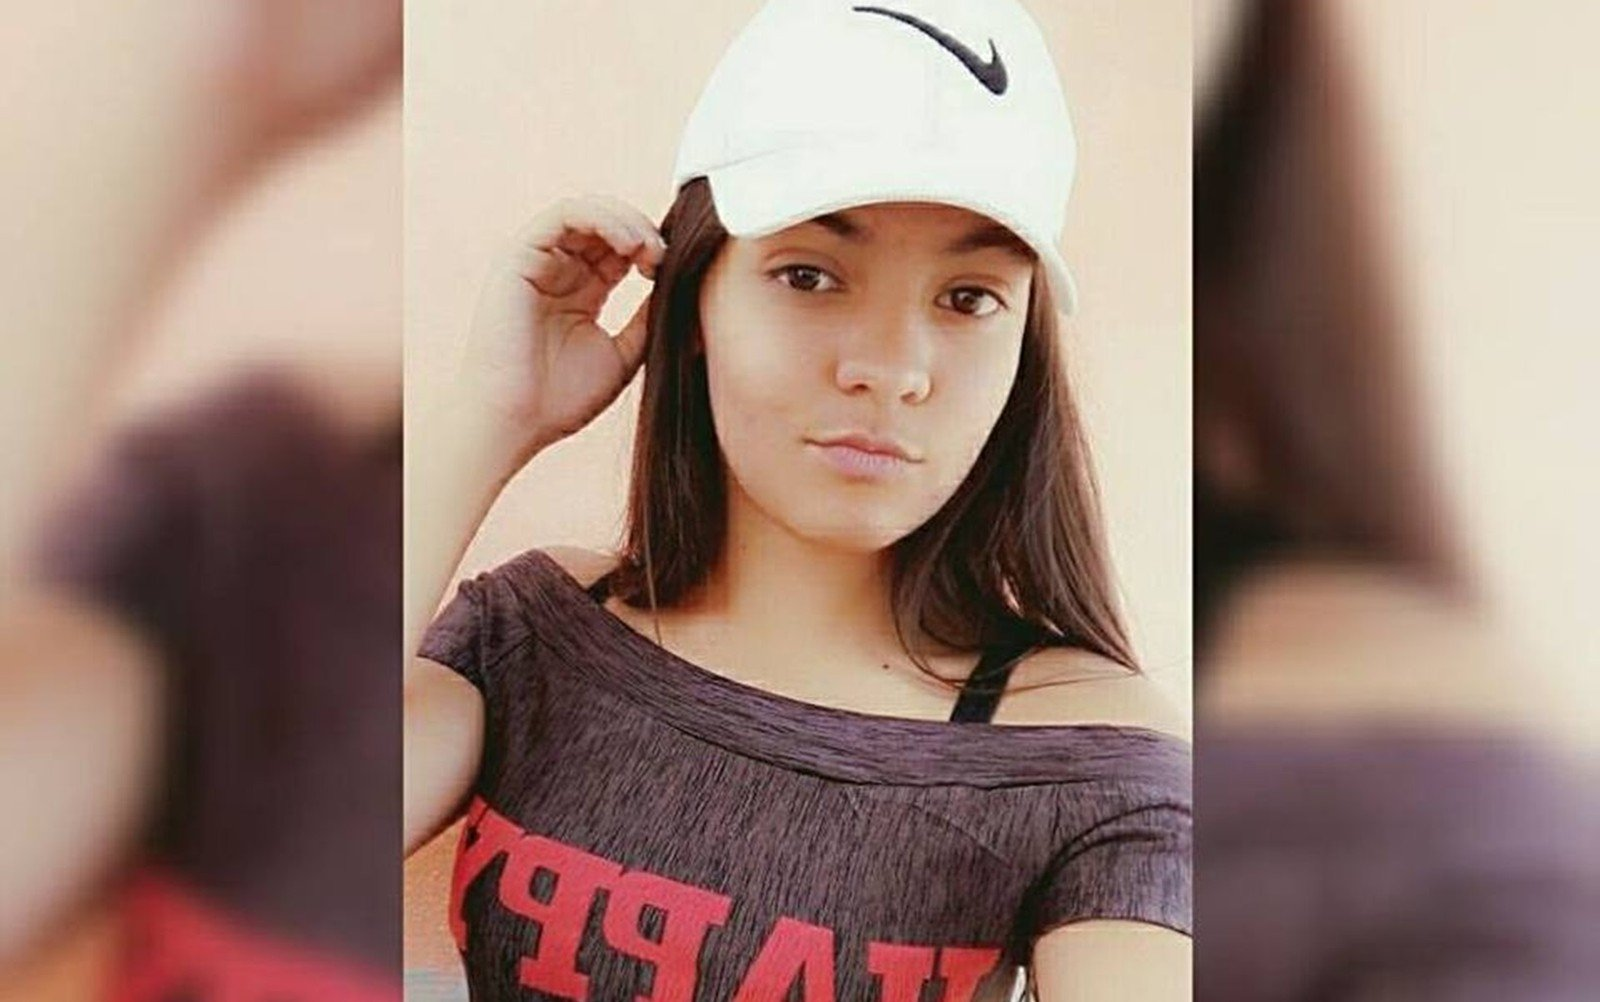 Jovem invade escola e mata adolescente de 16 anos em Goiás